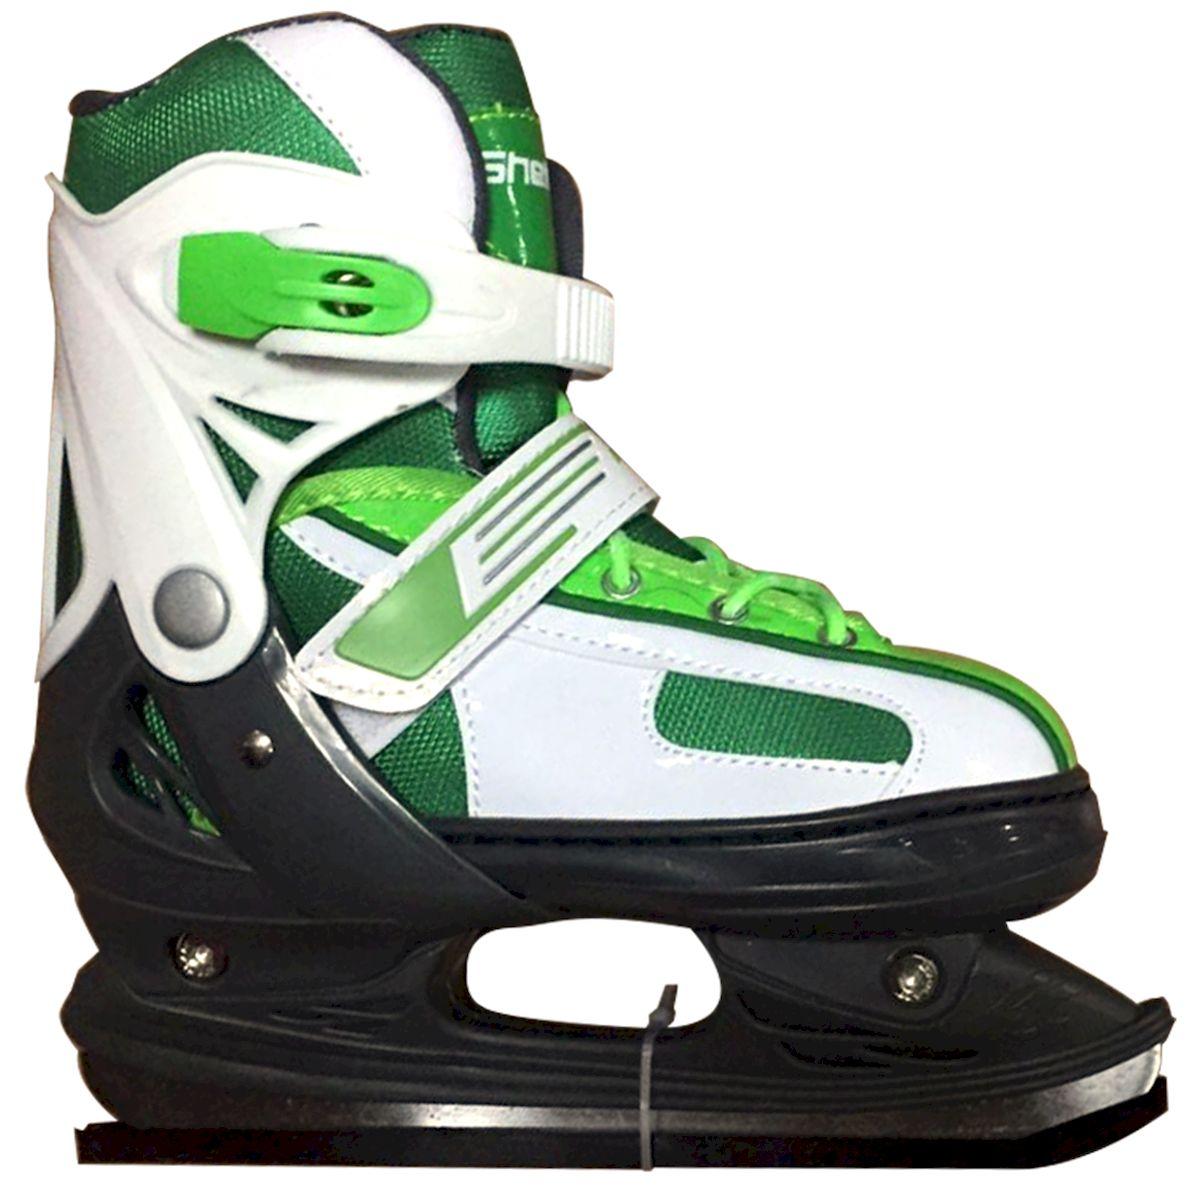 Коньки ледовые Ice Blade Shelby, раздвижные, цвет: черный, зеленый, белый. УТ-00009127. Размер M (34/37)УТ-00009127Коньки раздвижные Shelby - это классические раздвижные коньки от известного бренда Ice Blade, которые предназначены для детей и подростков, а также для тех, кто делает первые шаги в катании на льду.Ботинок изготовлен из морозоустойчивого пластика. Внутренняя поверхность из мягкого и теплого текстиля обеспечивает комфорт во время движения. Лезвие выполнено из высокоуглеродистой стали с покрытием из никеля. Пластиковая клипса с фиксатором, хлястик на липучке и шнуровка надежно фиксируют голеностоп. Конструкция коньков позволяет быстро и точно изменять их размер. Яркий молодежный дизайн, теплый внутренний сапожок, удобная трехуровневая система фиксации ноги, легкая смена размера, надежная защита пятки и носка - все это бесспорные преимущества модели. Коньки поставляются с заводской заточкой лезвия, что позволяет сразу приступить к катанию и не тратить денег на заточку. Предназначены для использования на открытом и закрытом льду.